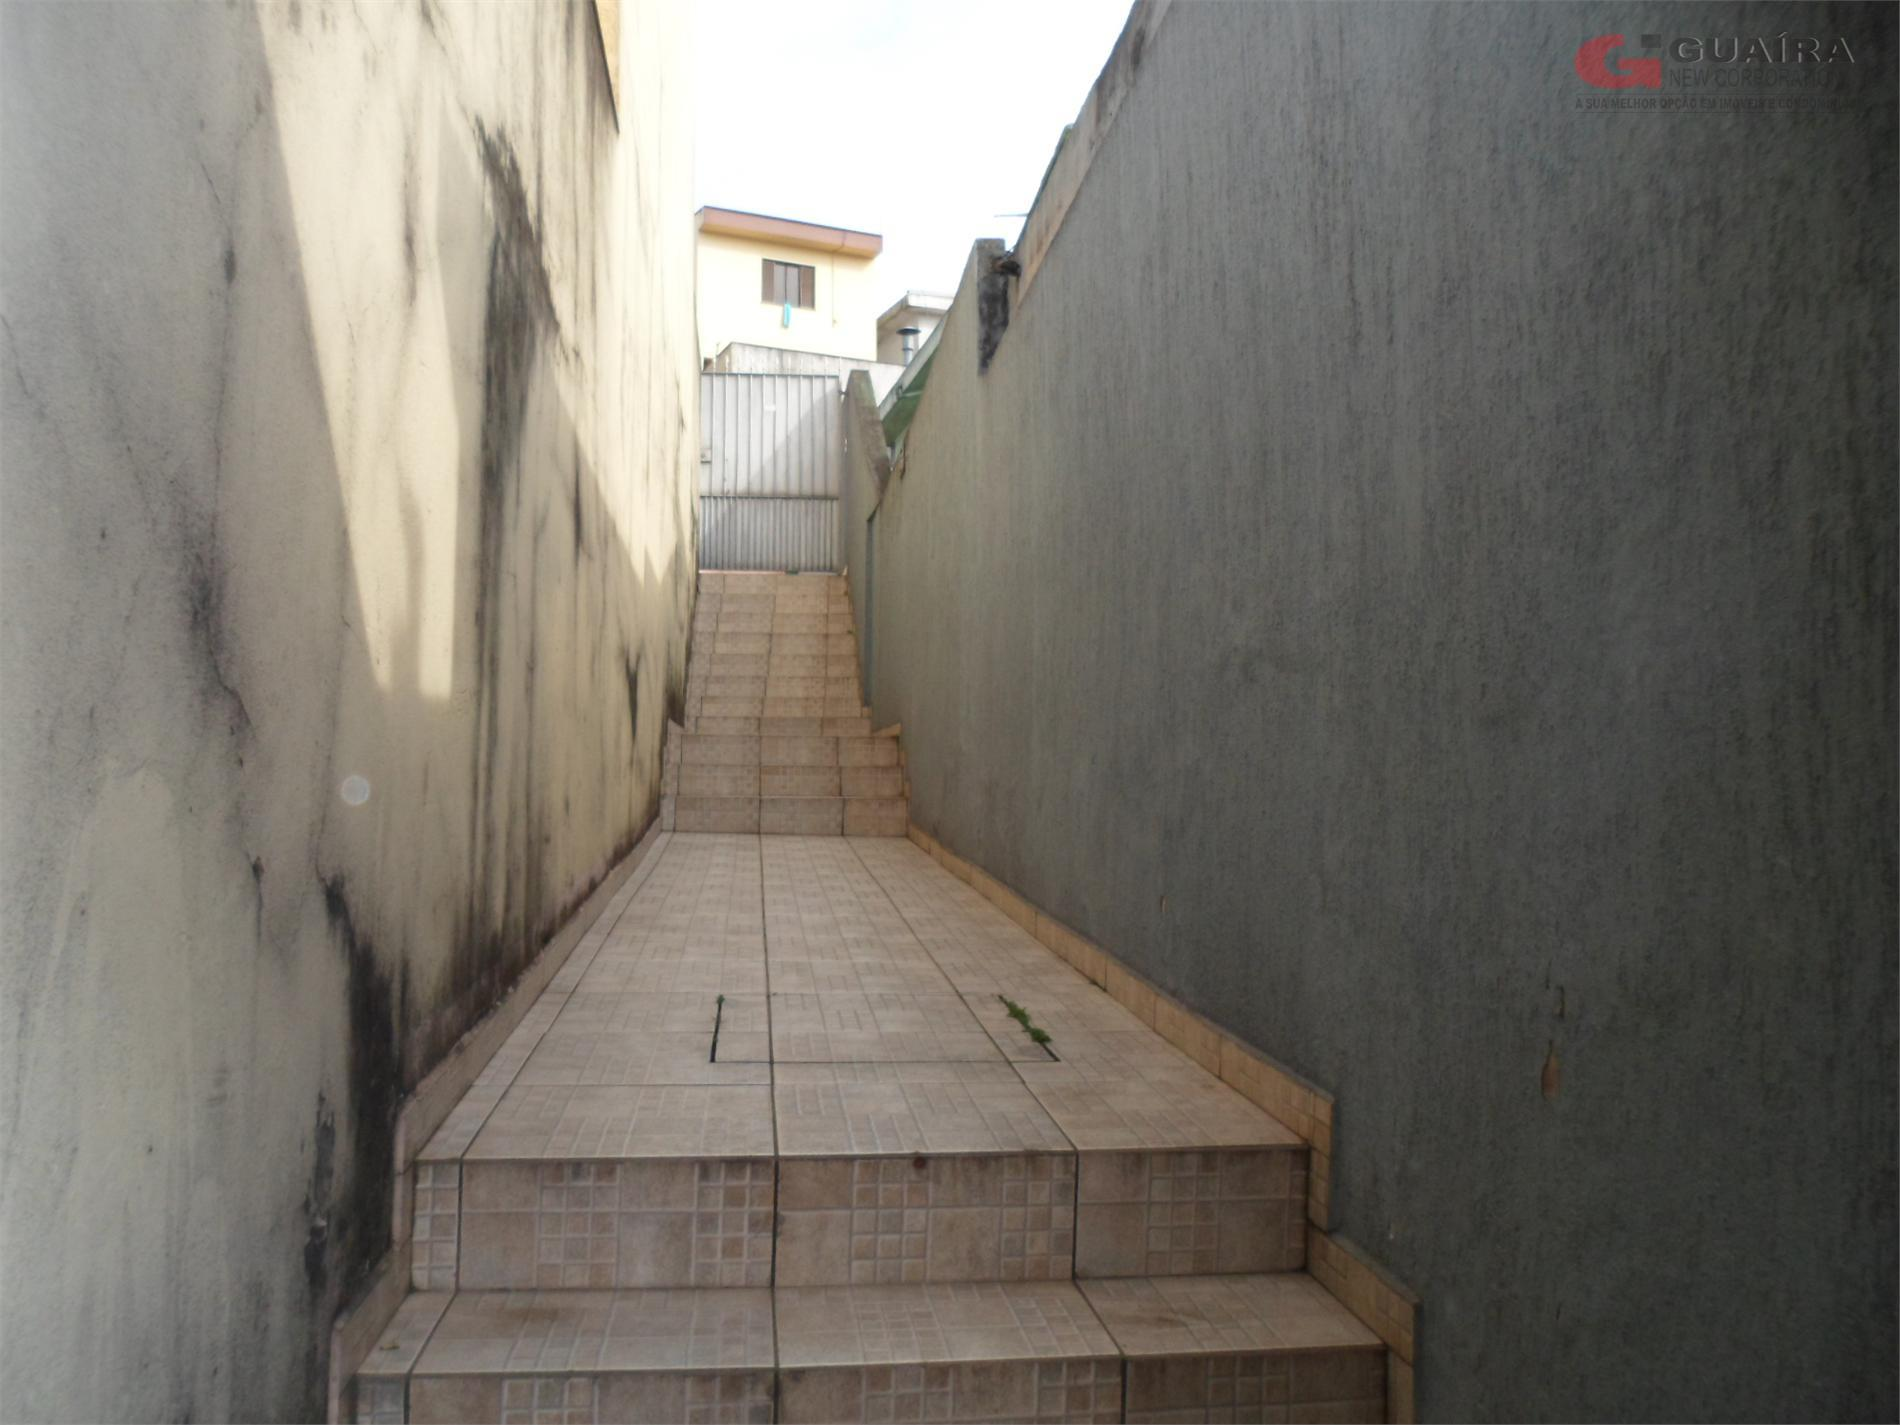 Sobrado de 2 dormitórios à venda em Taboão, Diadema - SP